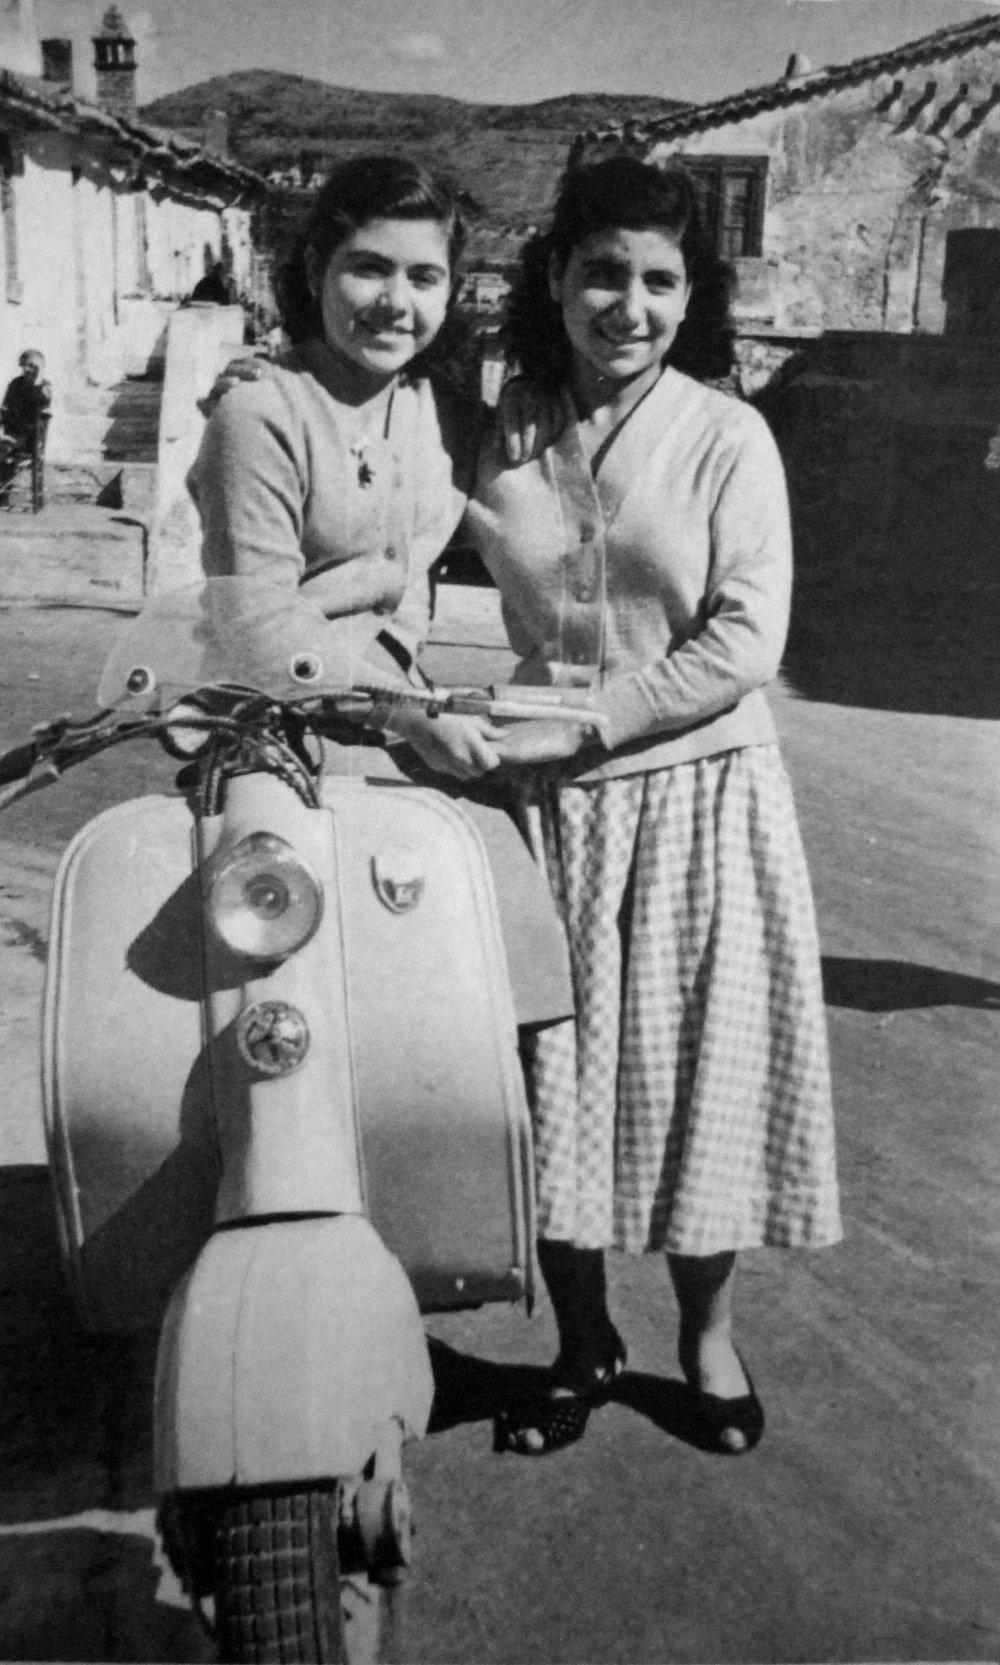 Giovanna (left) Avelino, Italy 1957